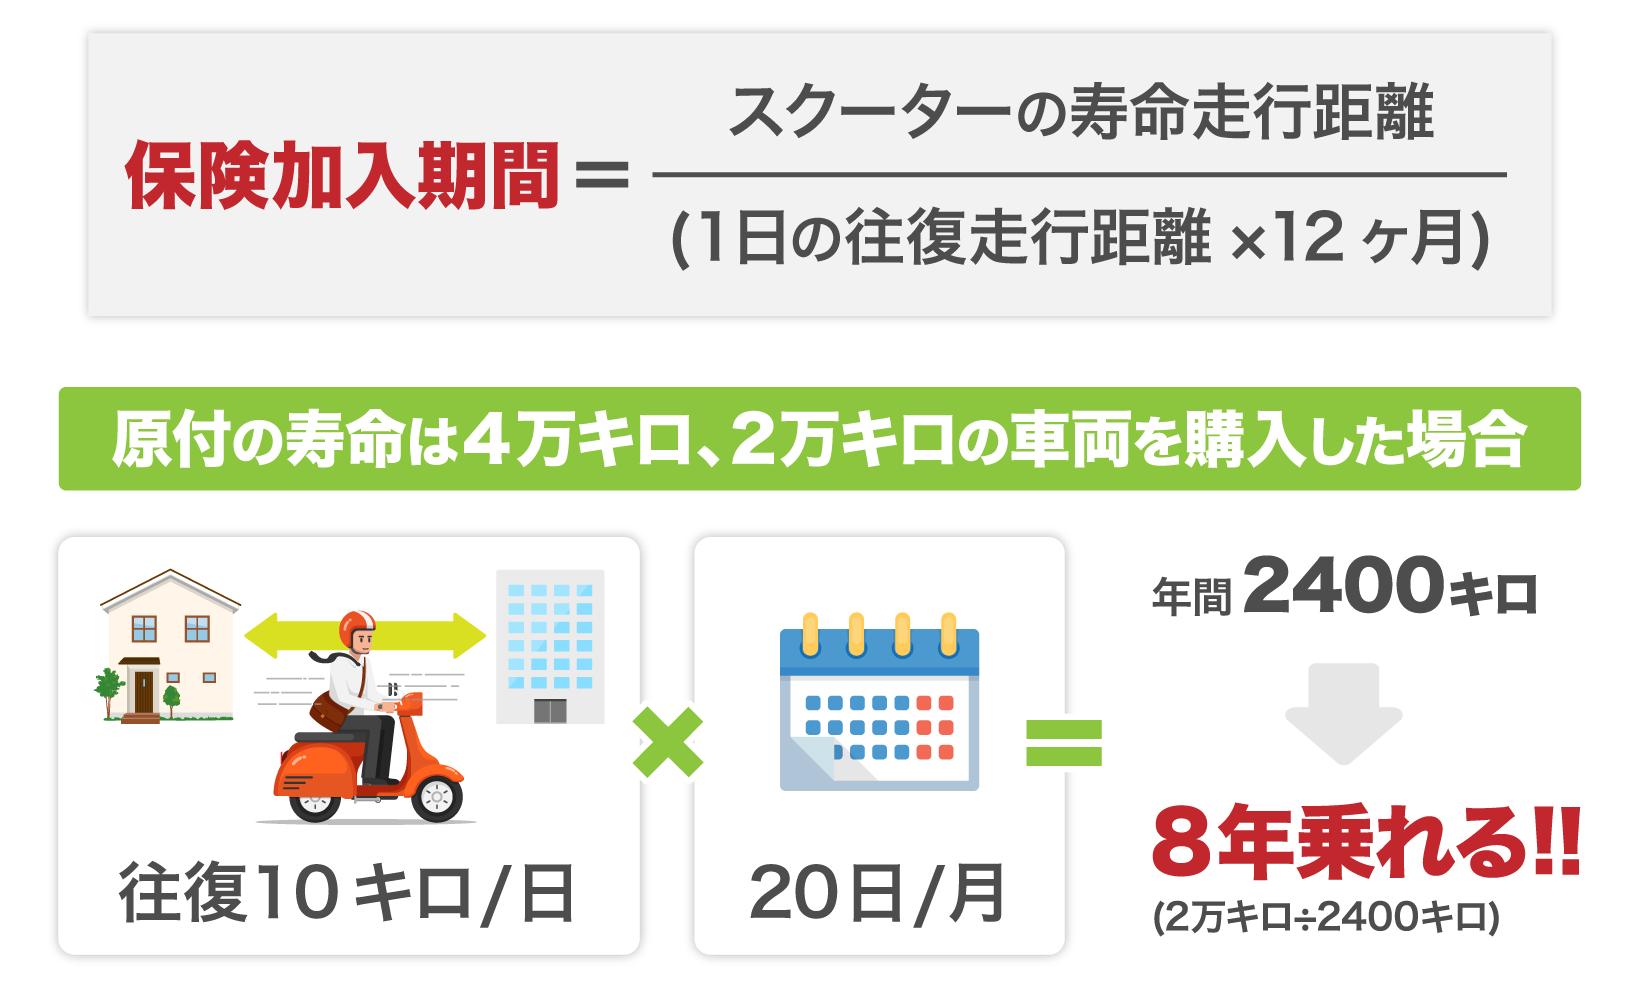 保険加入期間=スクーターの寿命走行距離÷(一日の往復走行距離×一か月の運転日数×12か月)通勤で片道5キロ(往復10キロ)の距離を月に20日走行したとすると、年間走行距離は2400キロになり、寿命が2万キロの車両を購入する場合メンテナンス次第で8年乗れる